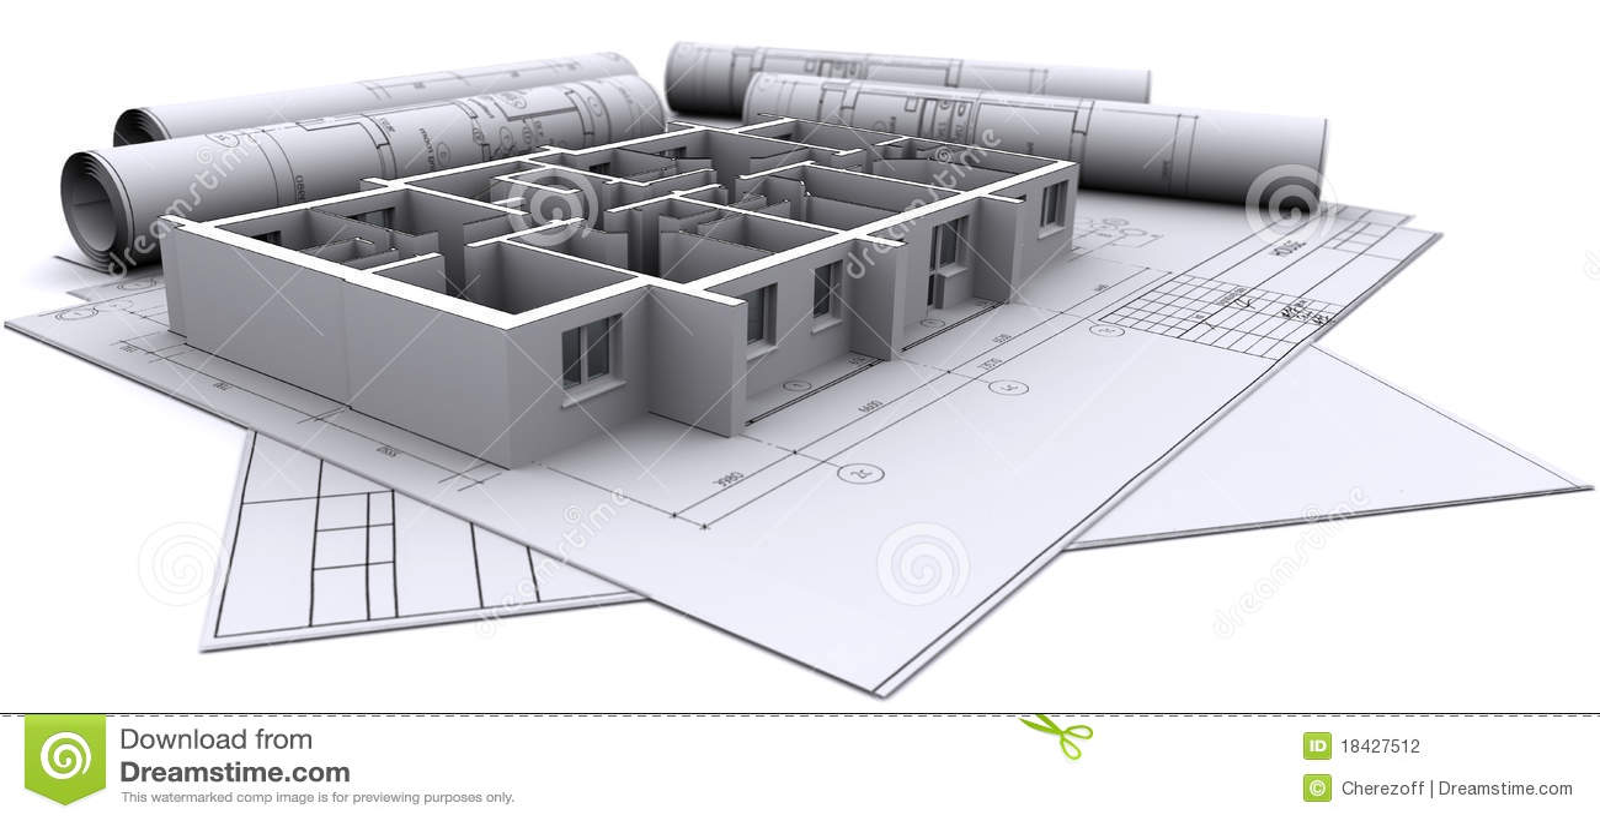 Paredes en gráficos de construcción